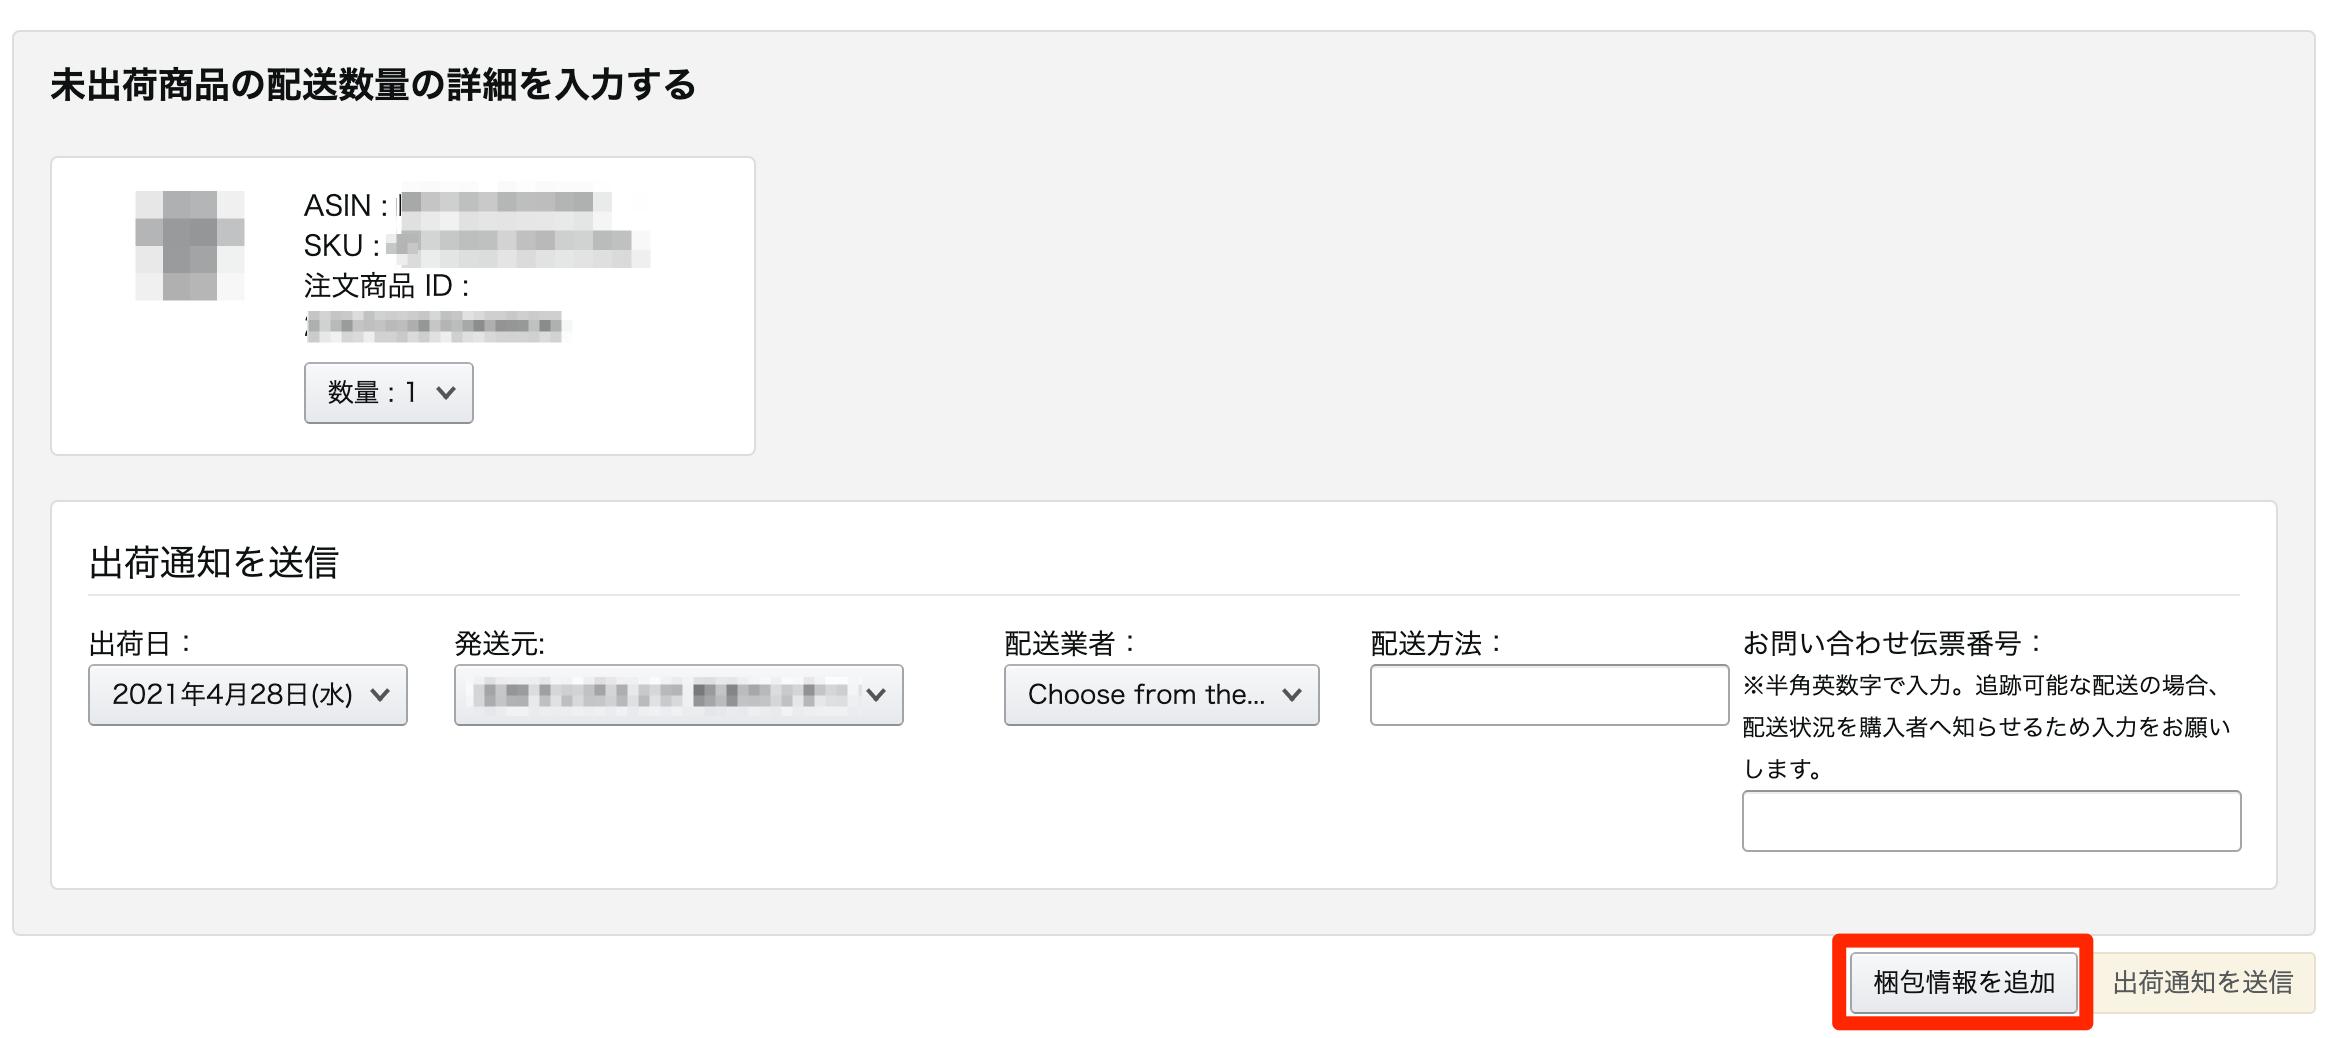 Amazon_梱包情報追加